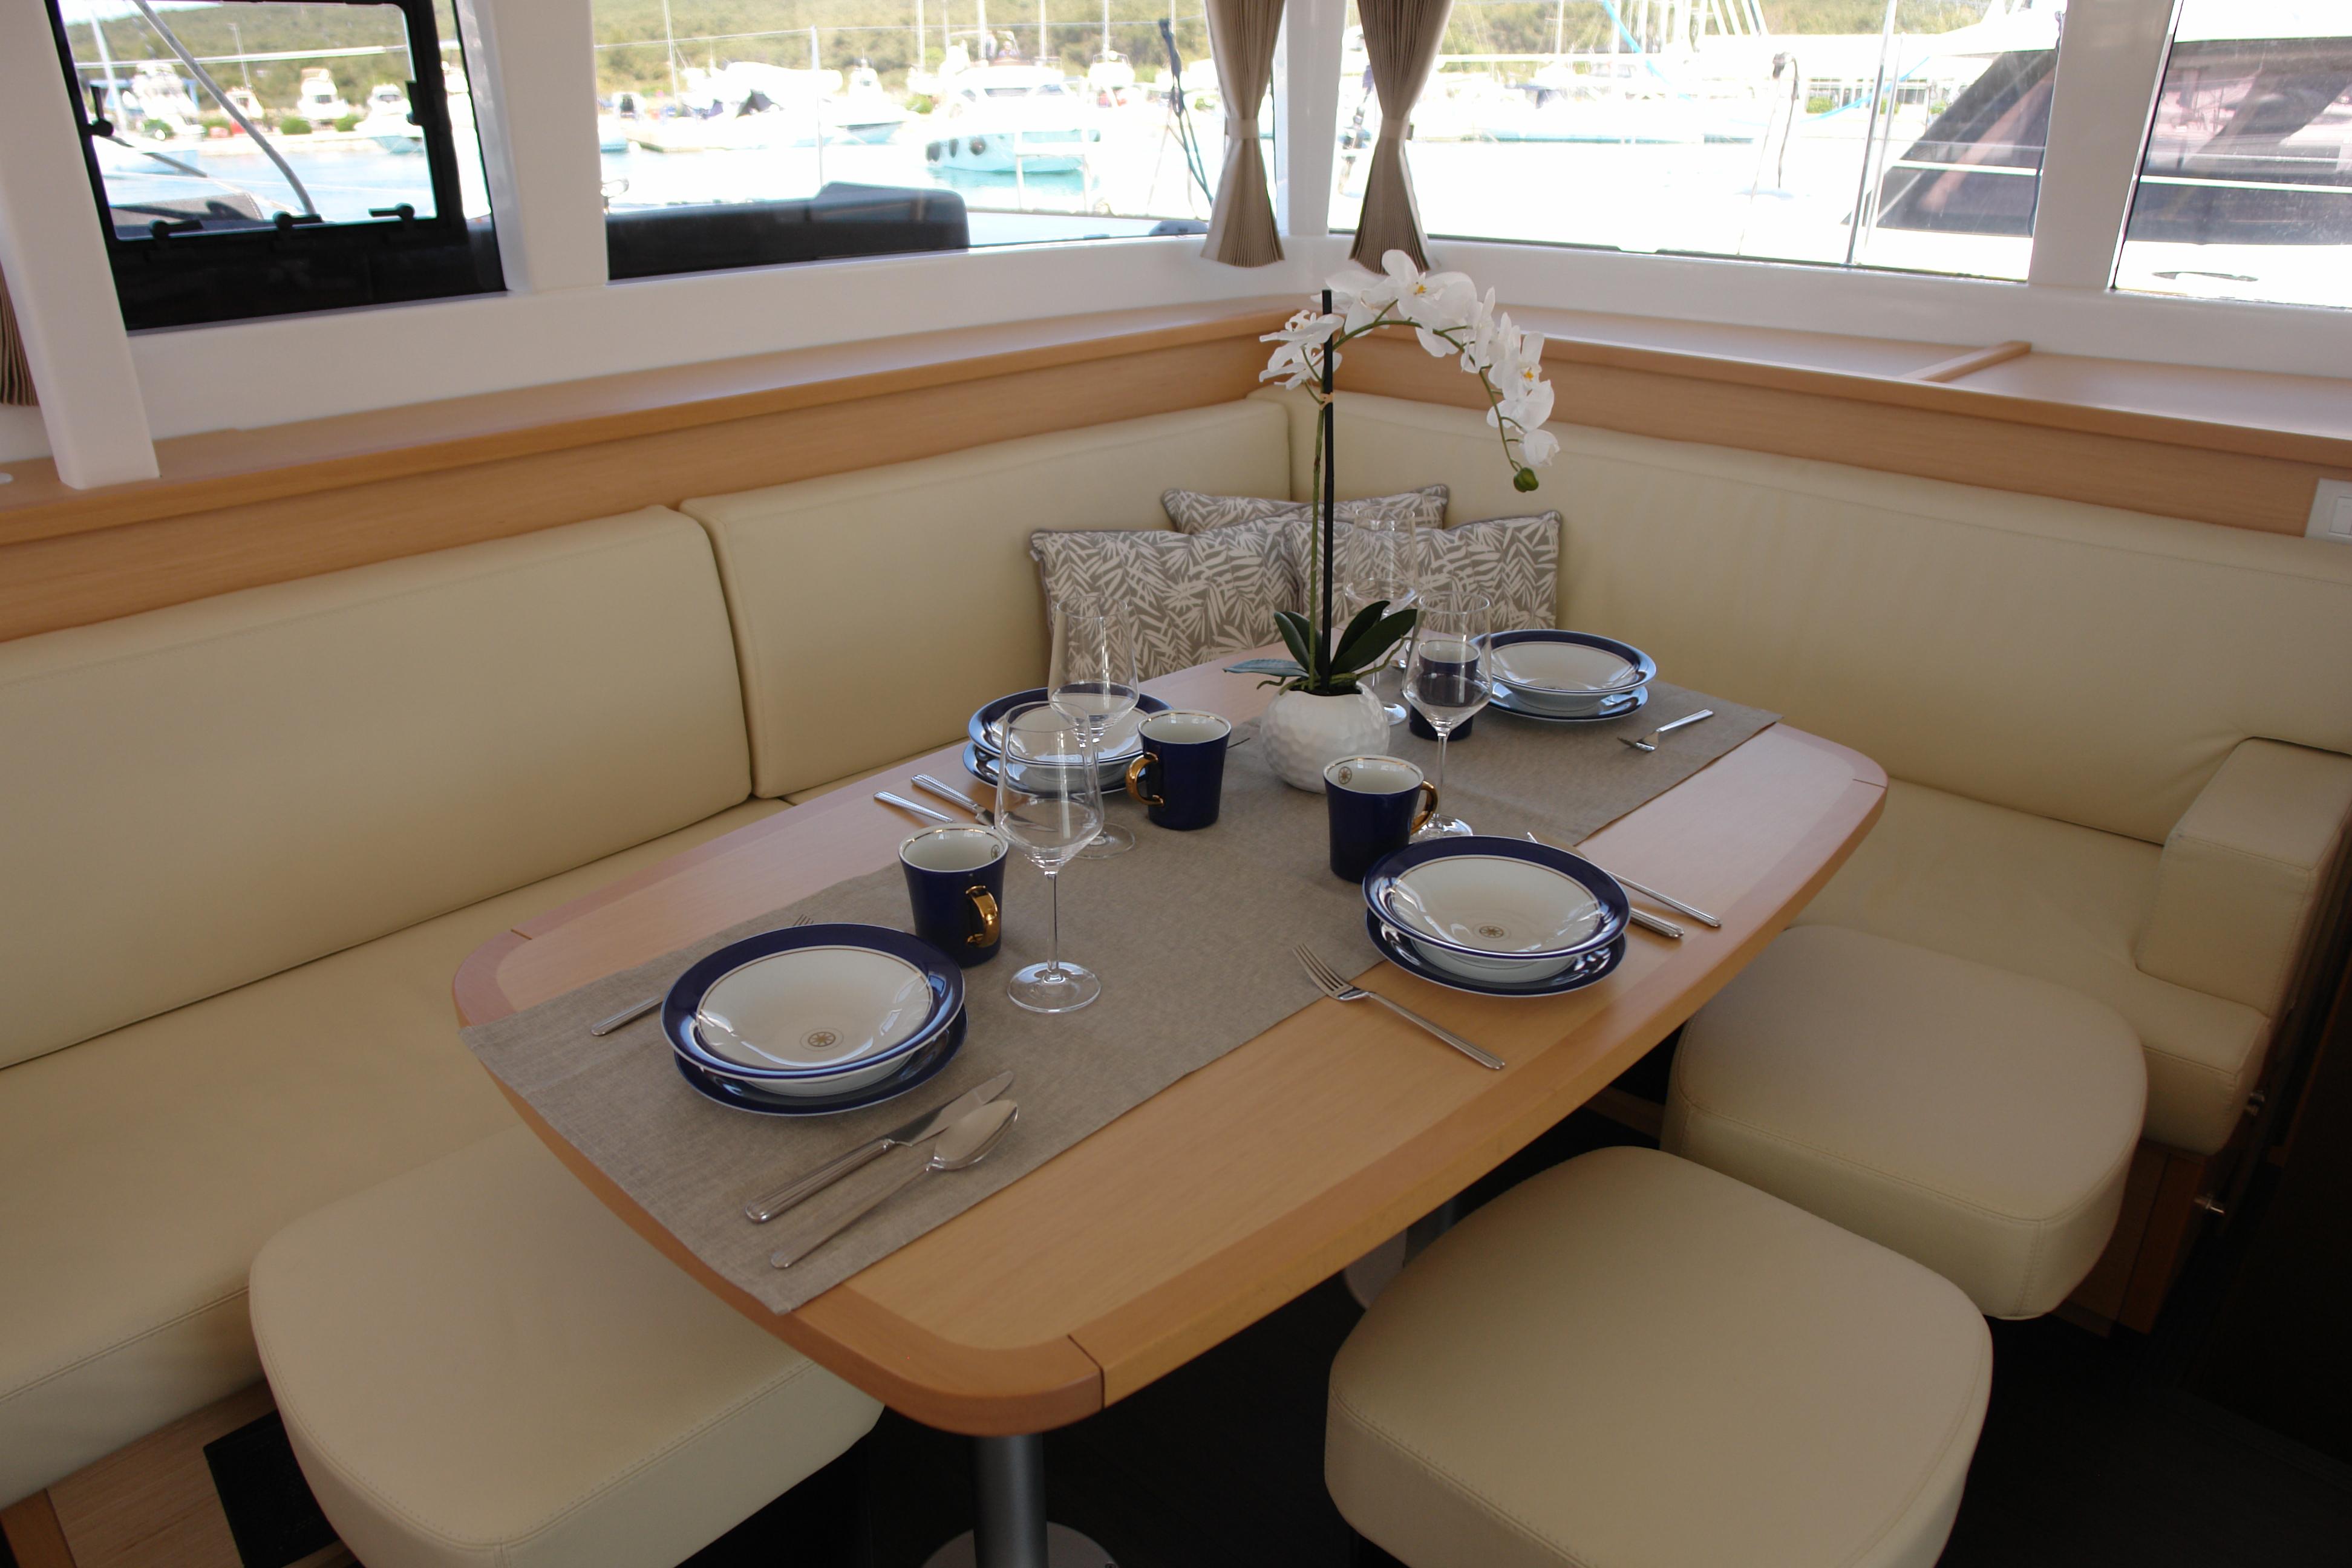 Tisch mit Porzellan von Kahla